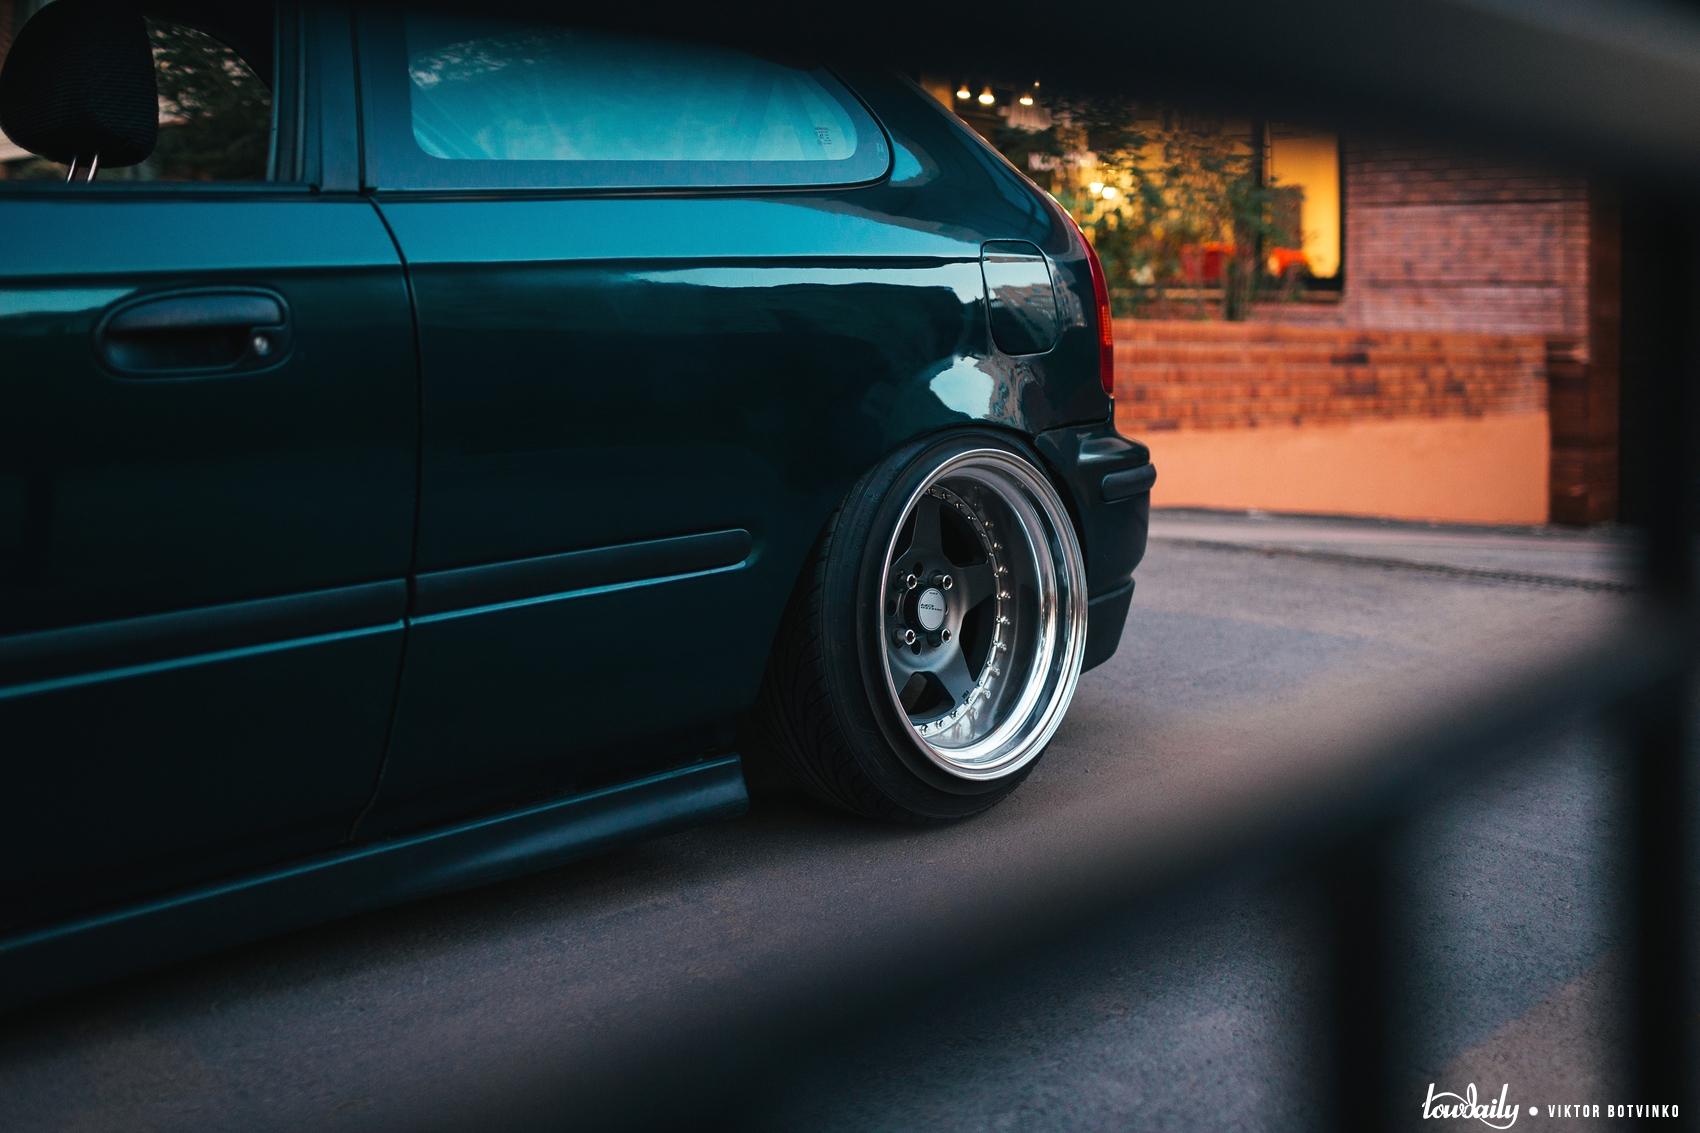 017 Honda Civic